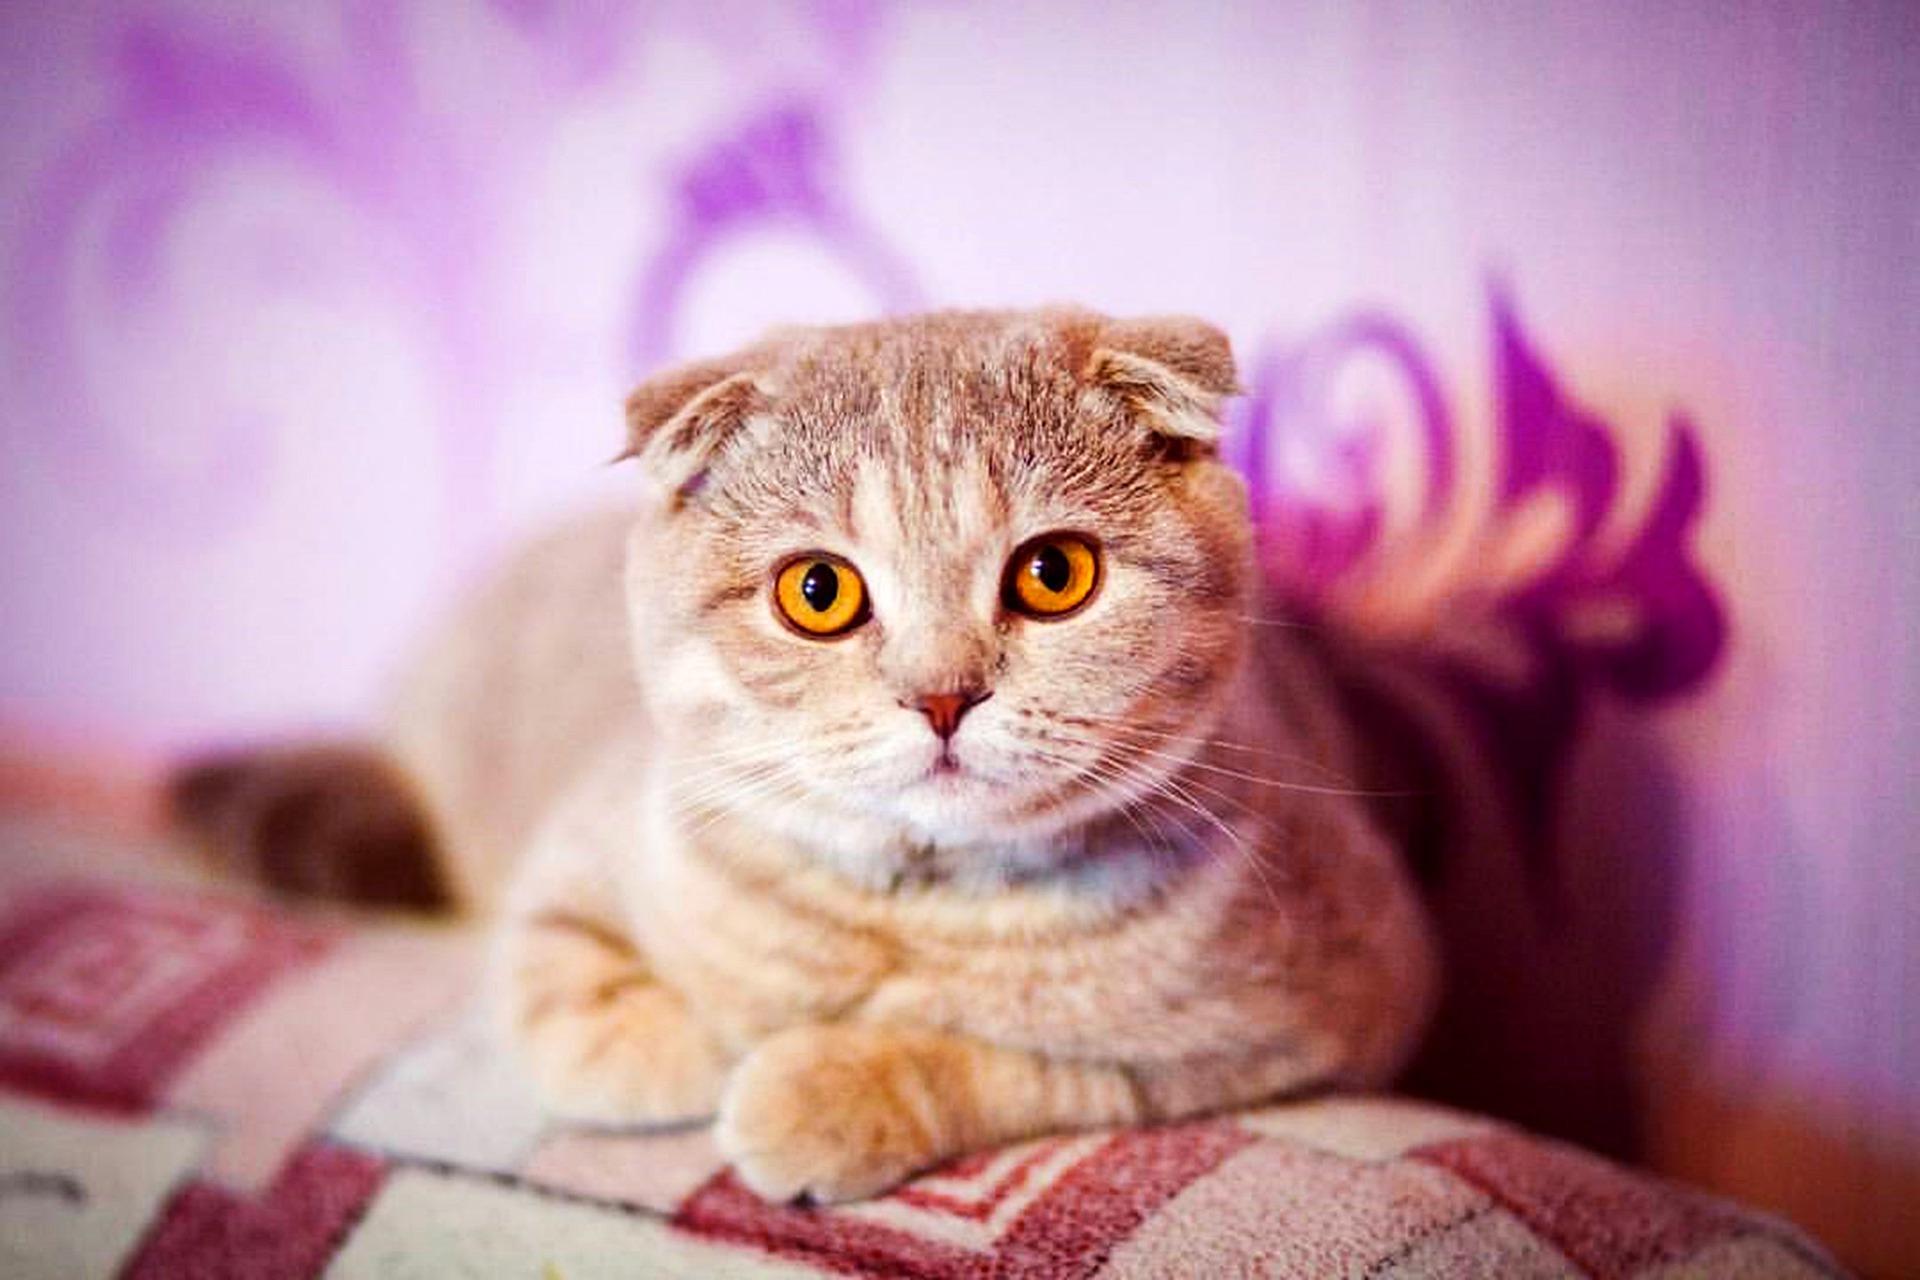 Koty zwisłouche mają tendencję do tycia. Bardzo ważne jest odpowiednie ich żywienie, dostosowane do stopnia aktywności.